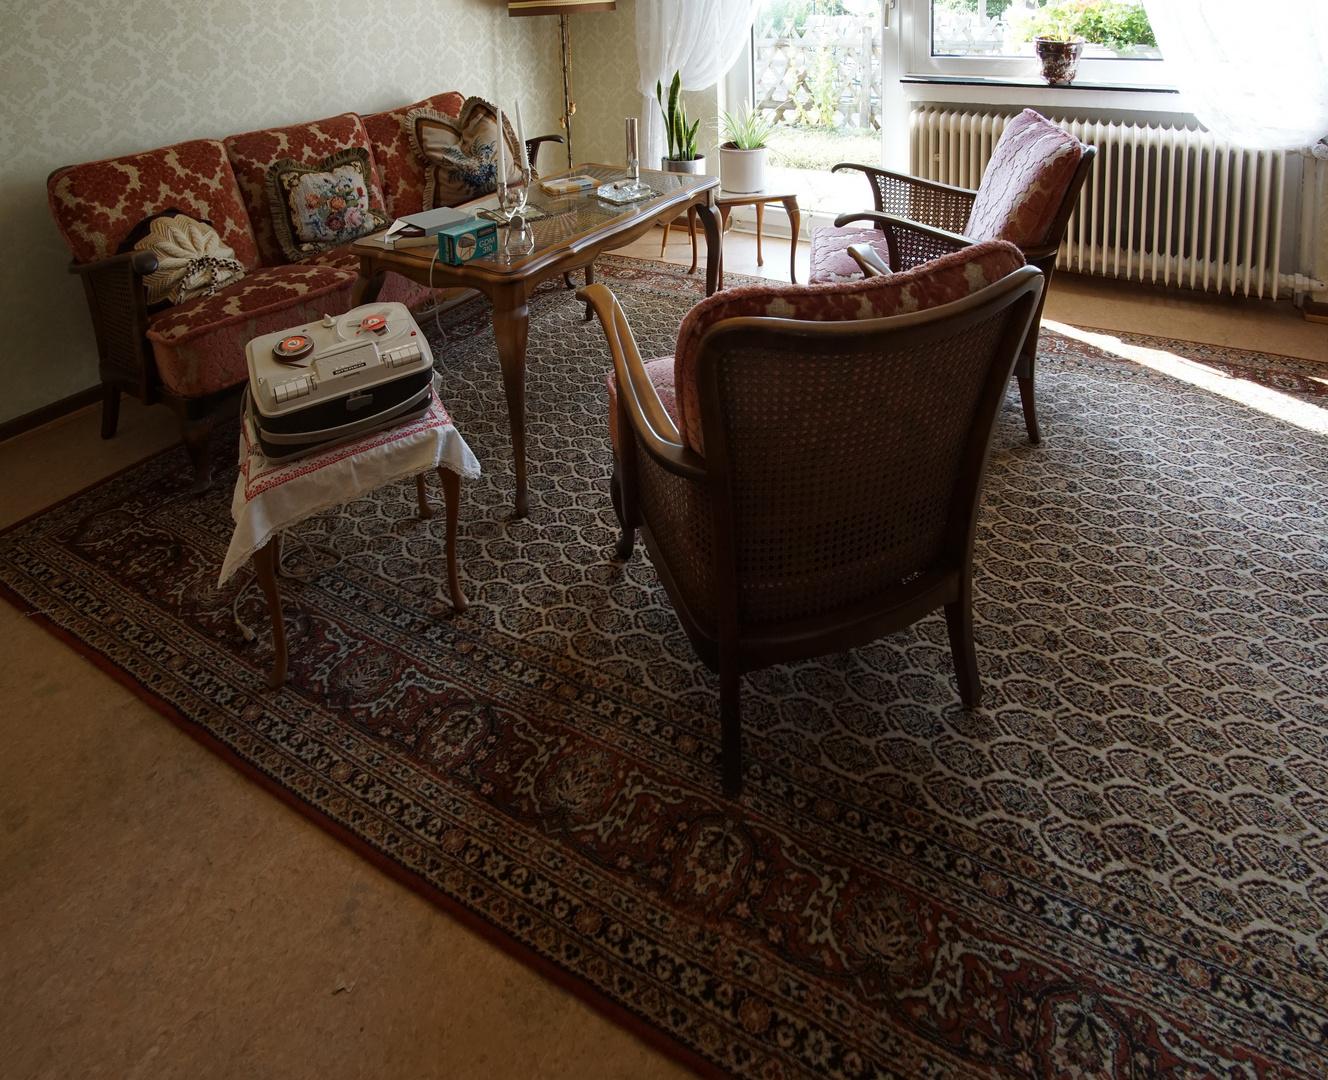 Wie dazumal - Wirtschaftswunder (6) Wohnzimmer aus den 60er Jahren ...